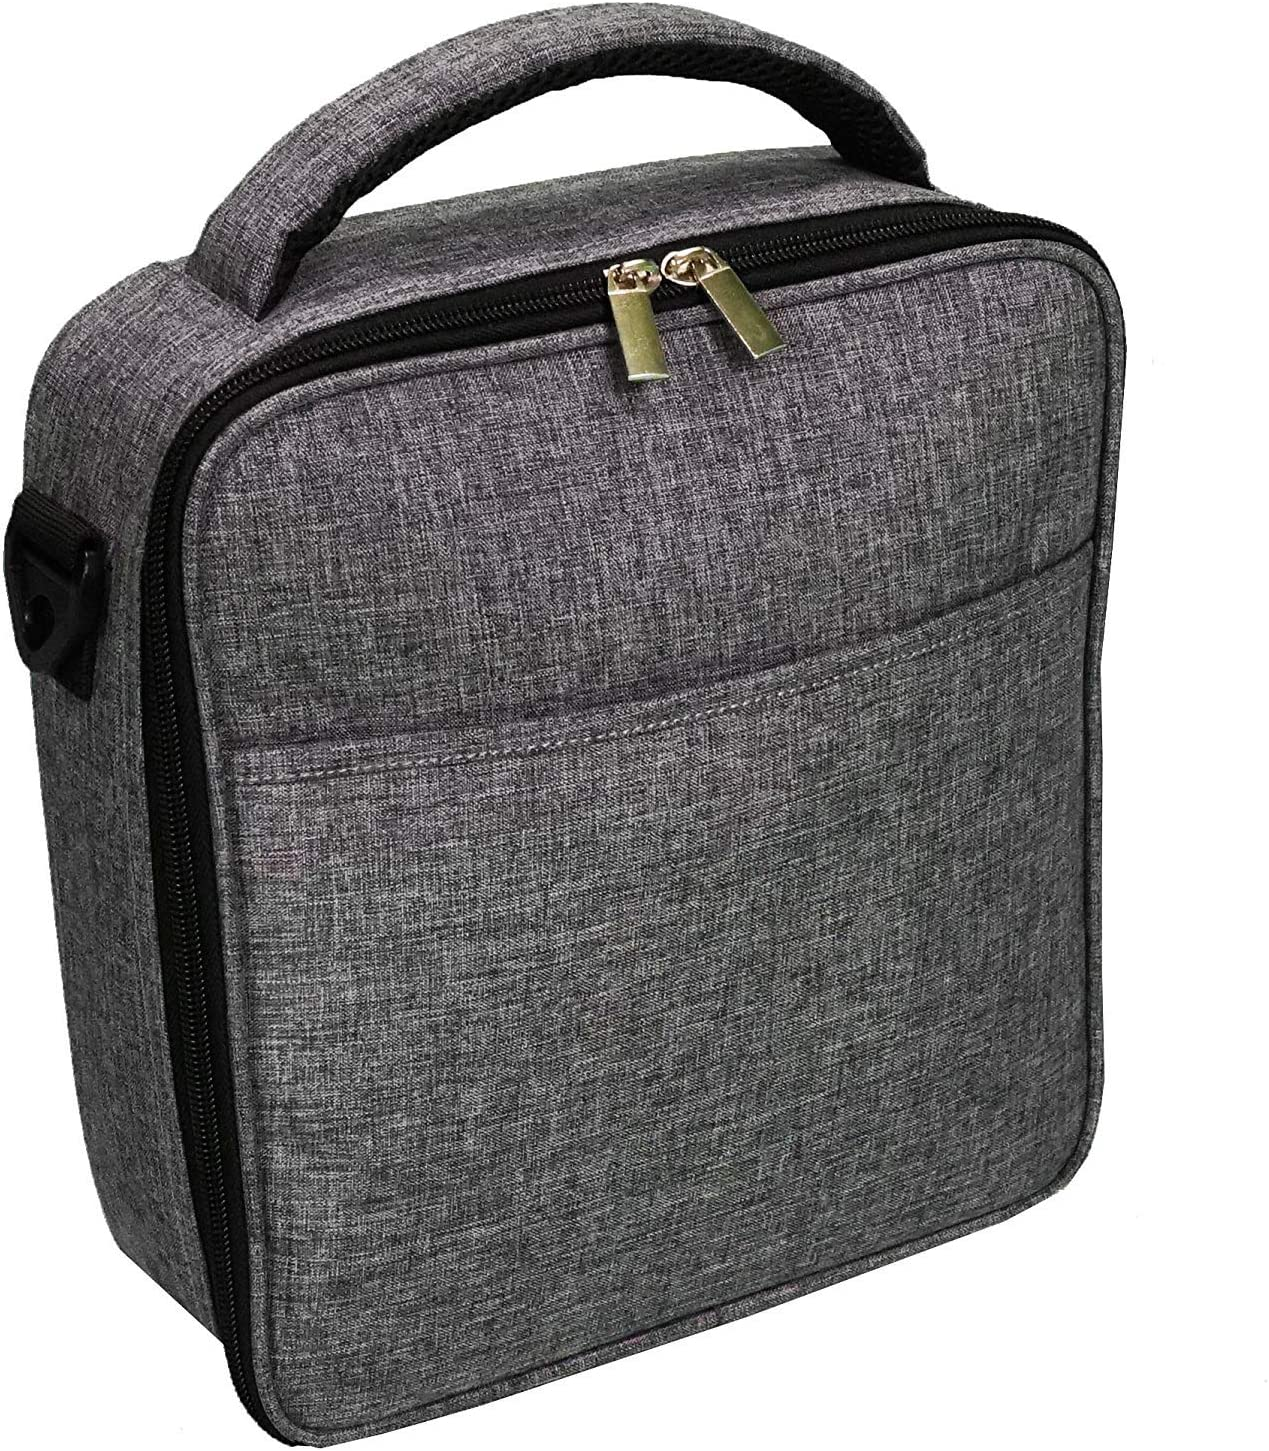 Uzinb Cotone Lino Grande Insulated Lunch Box Bag di Alluminio Livelli Pranzo del Fumetto del Sacchetto di Tote Bag